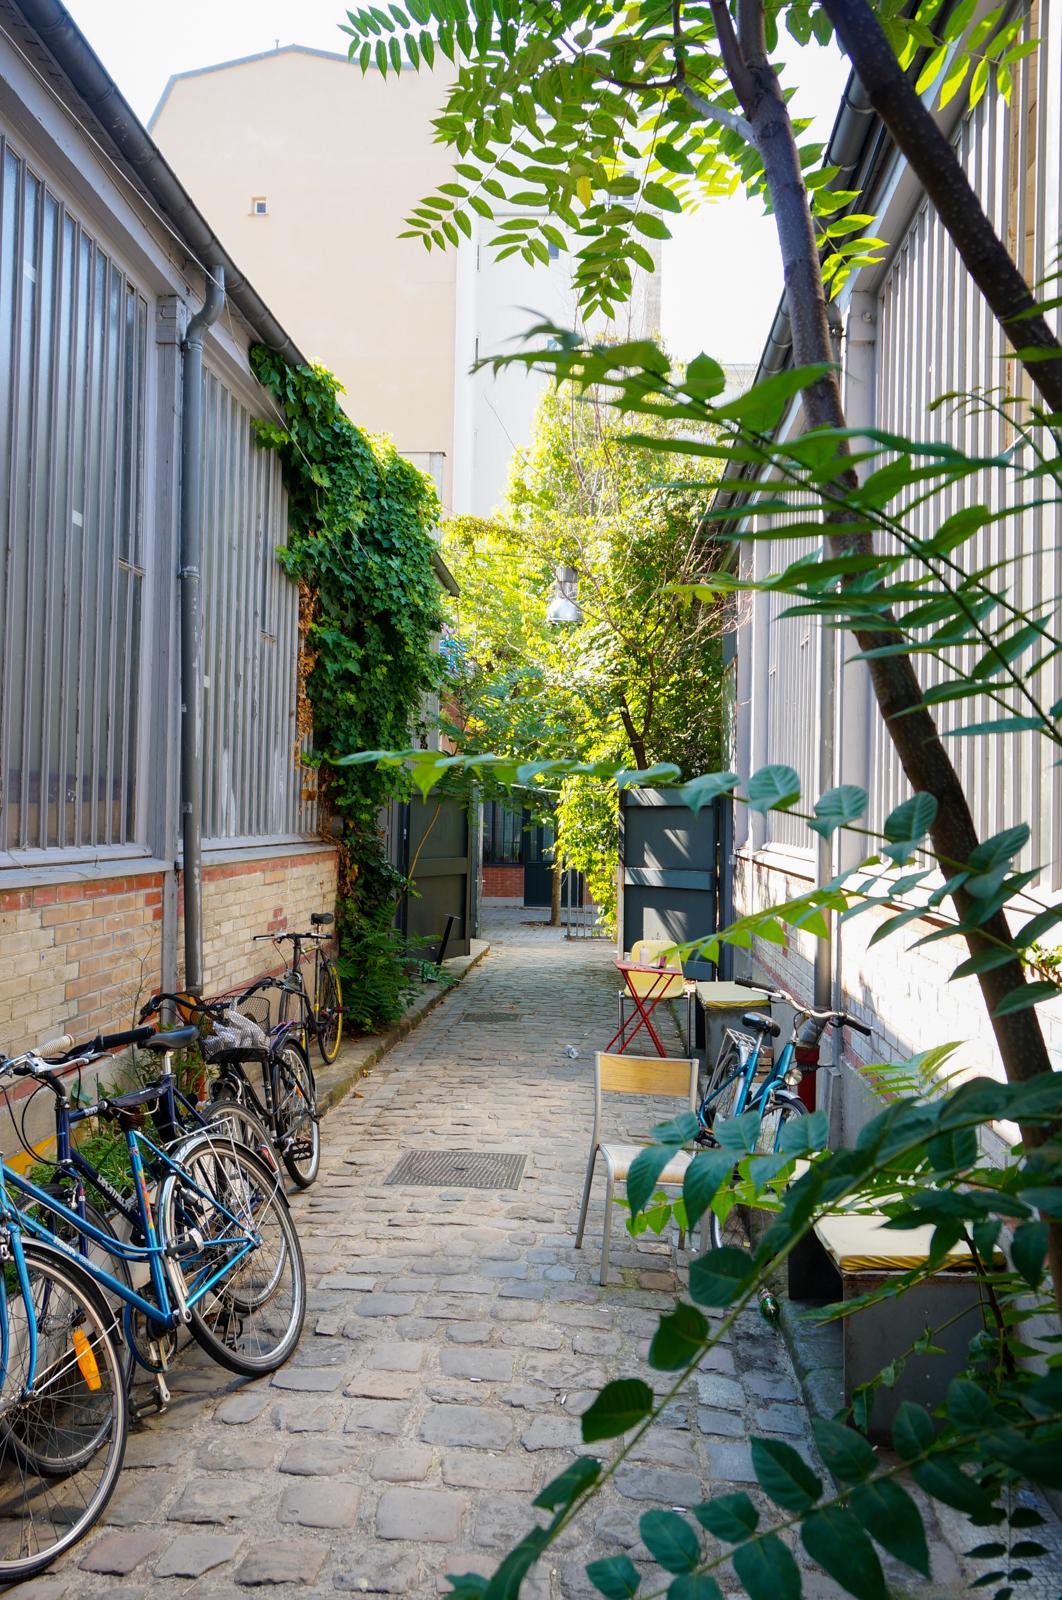 belleville, villa belleville, impasses secrètes paris, impasses paris 20, paris caché, paris secret, paris vert, paris village